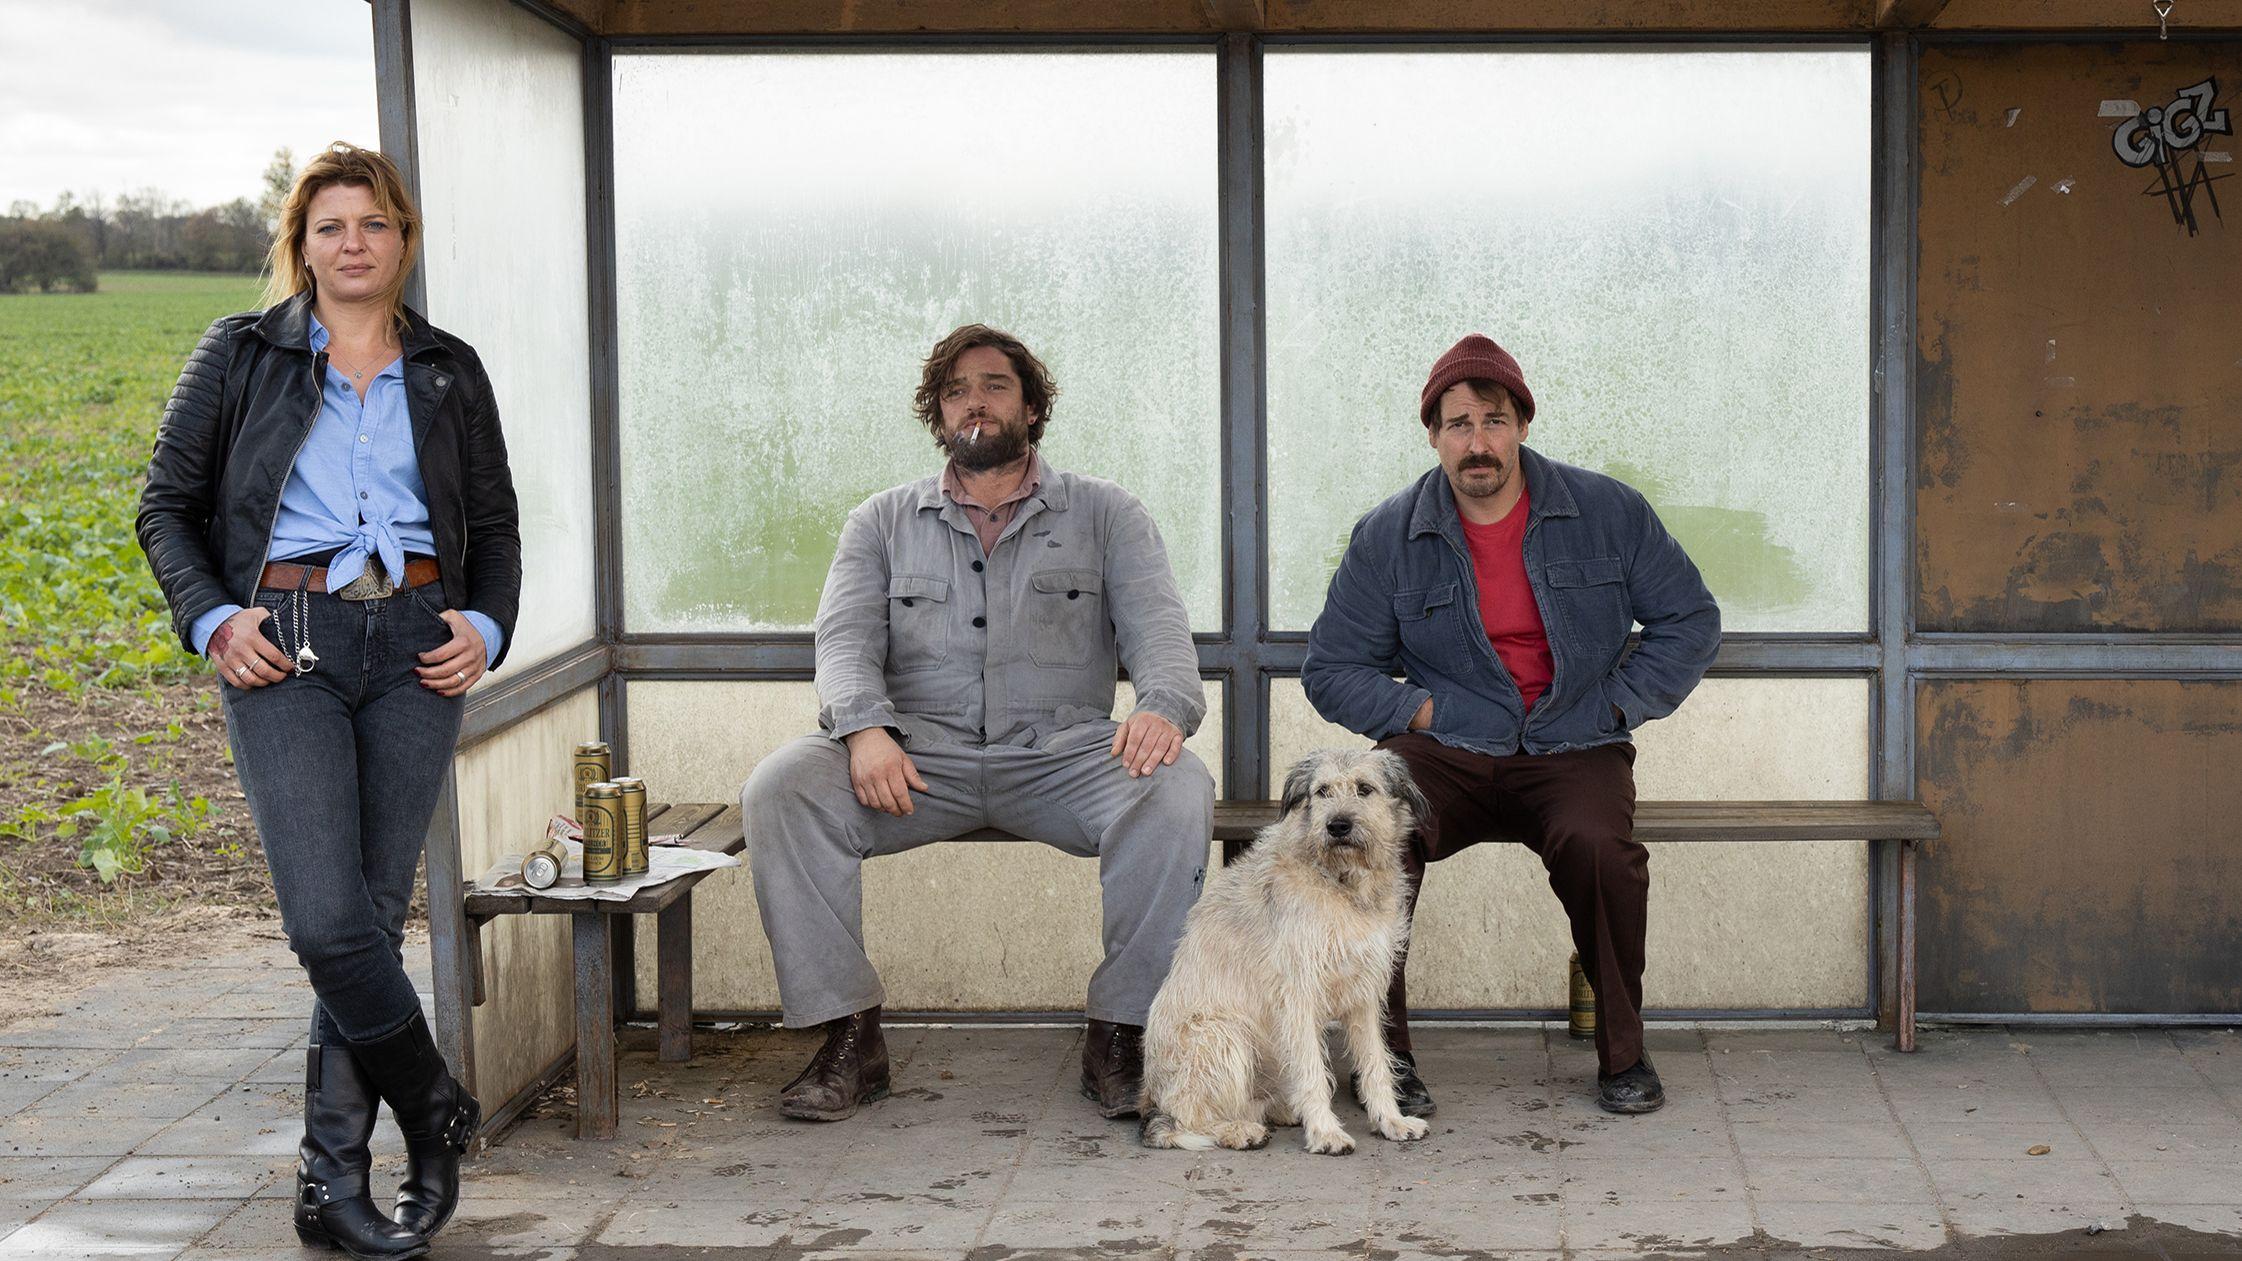 Eine Frau steht vor einer Bushaltestelle, in der zwei Männer mit einem wuscheligen Hund sitzen und missmutig vor sich hinstarren, mit Bierdosen neben sich und einer mit Glimmstängel zwischen den Lippen.